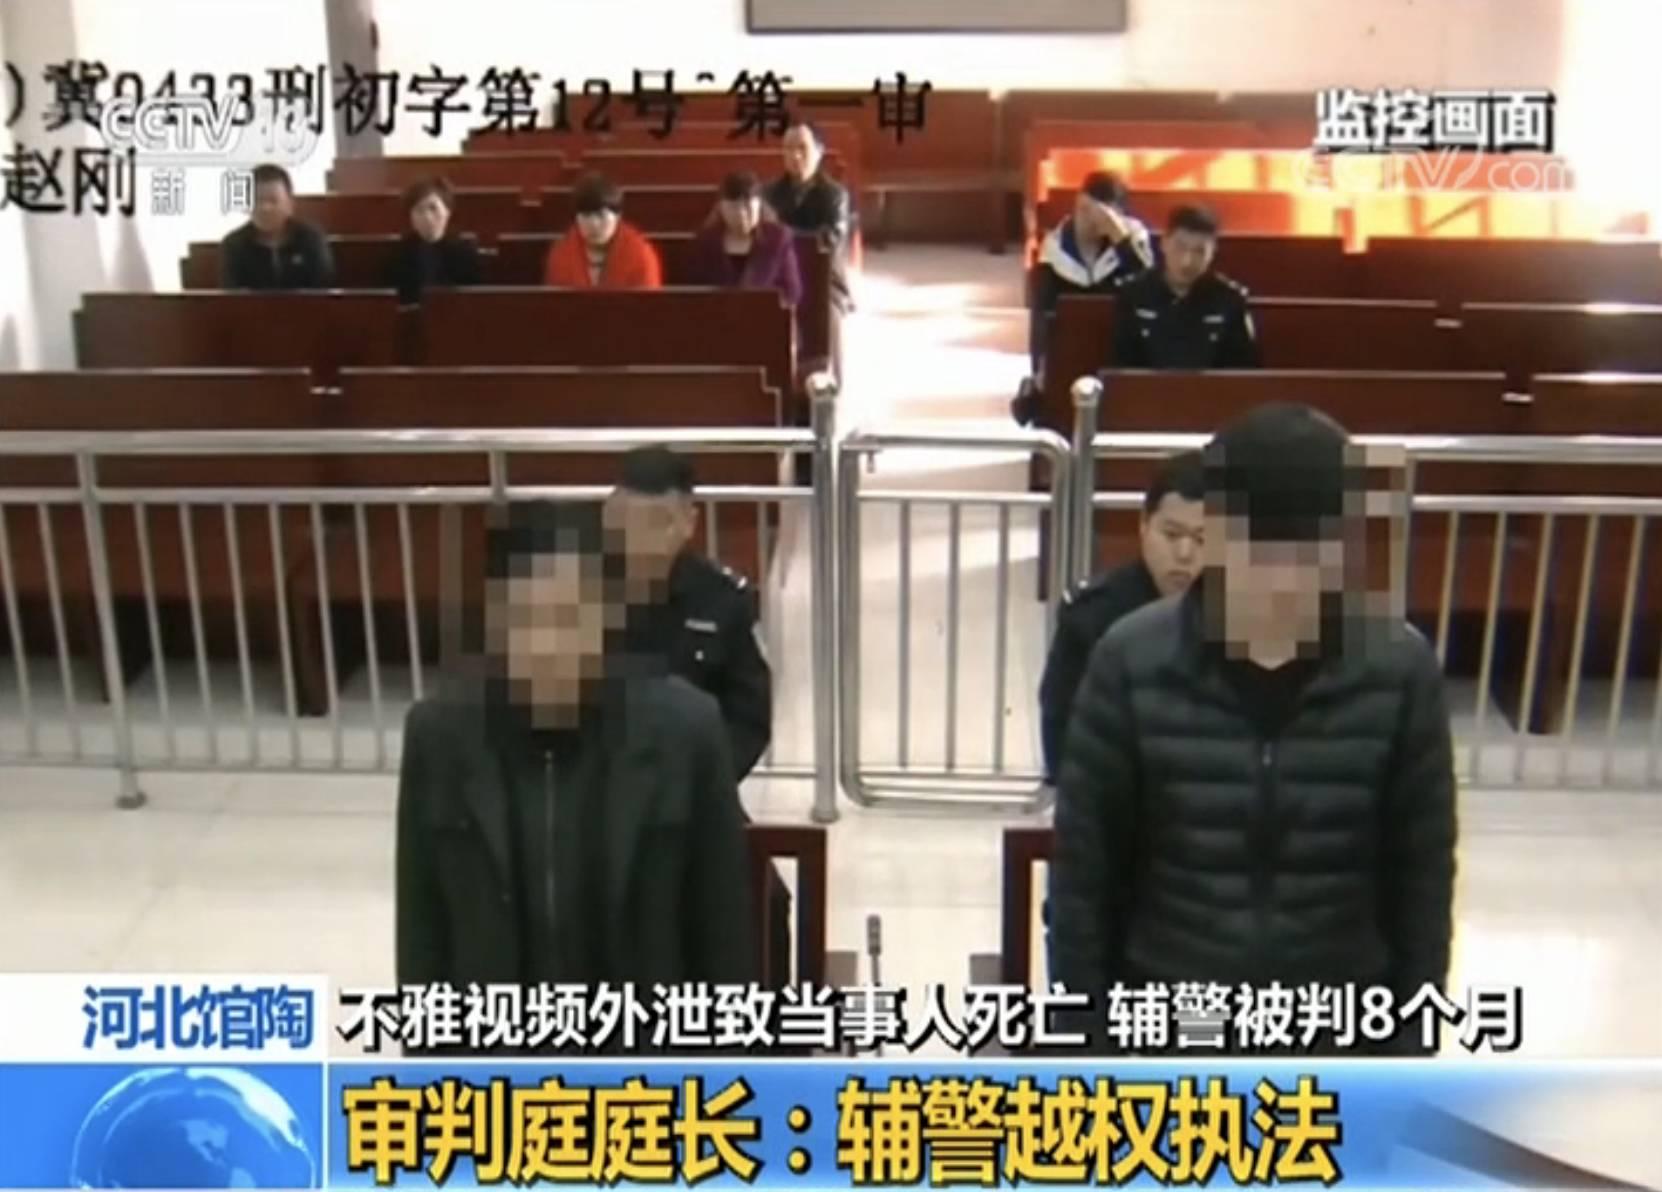 辅警拍摄不生视频致人自杀身亡获刑8只月 量刑过轻?人民法院回应